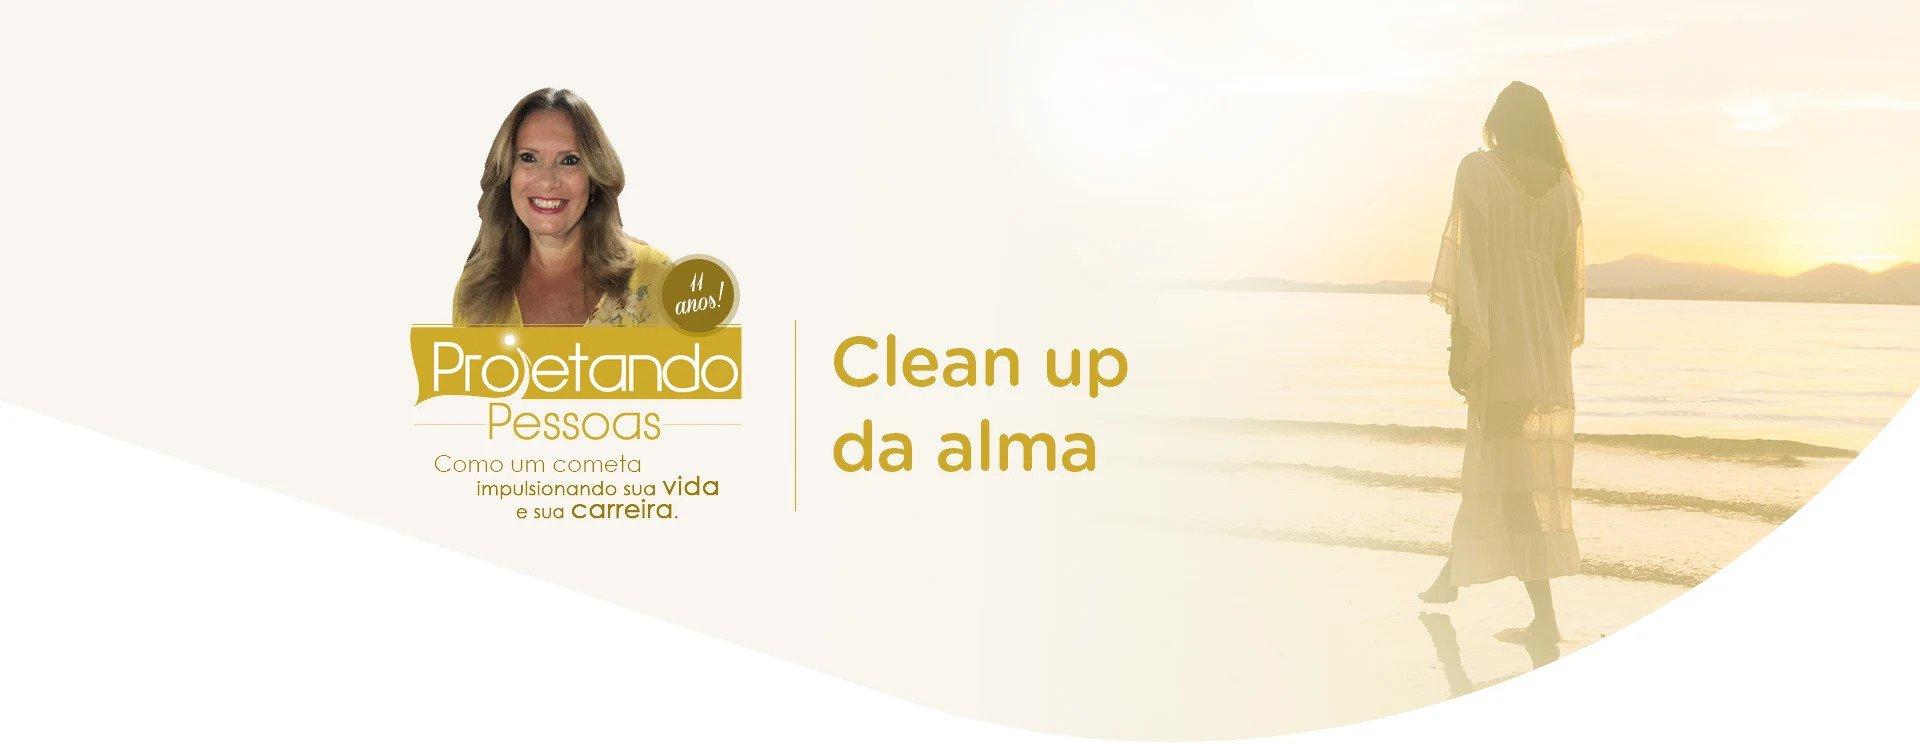 cleanup-da-alma